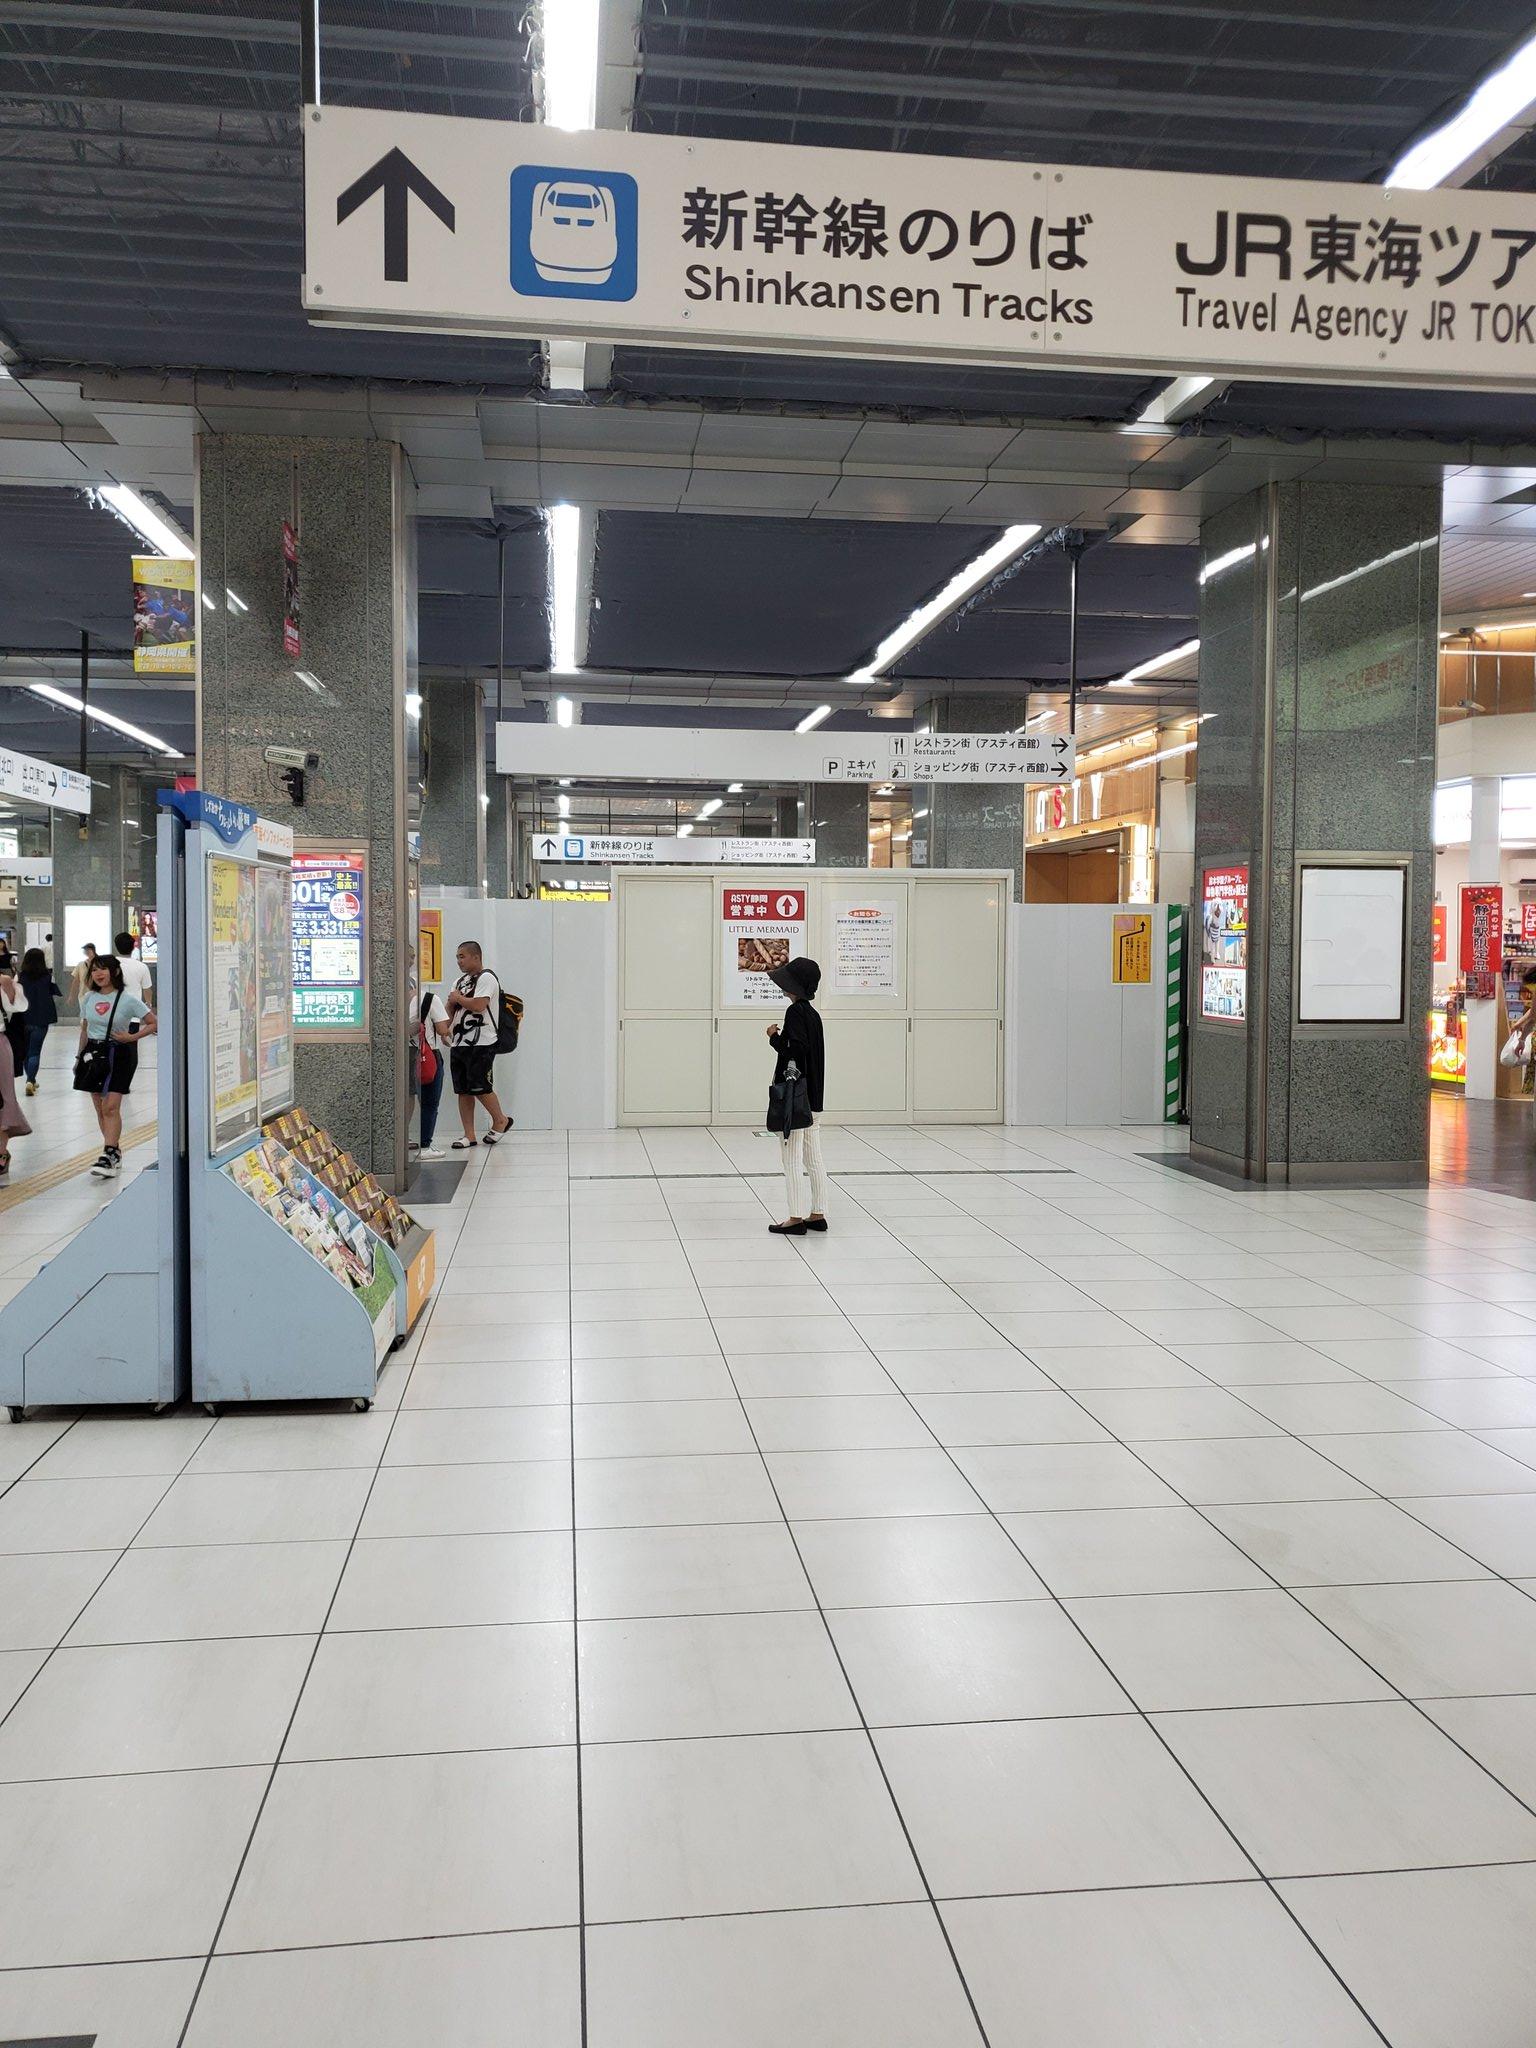 恐い!ヤバイ!静岡駅で千円を奪うオバサンが続出中!!